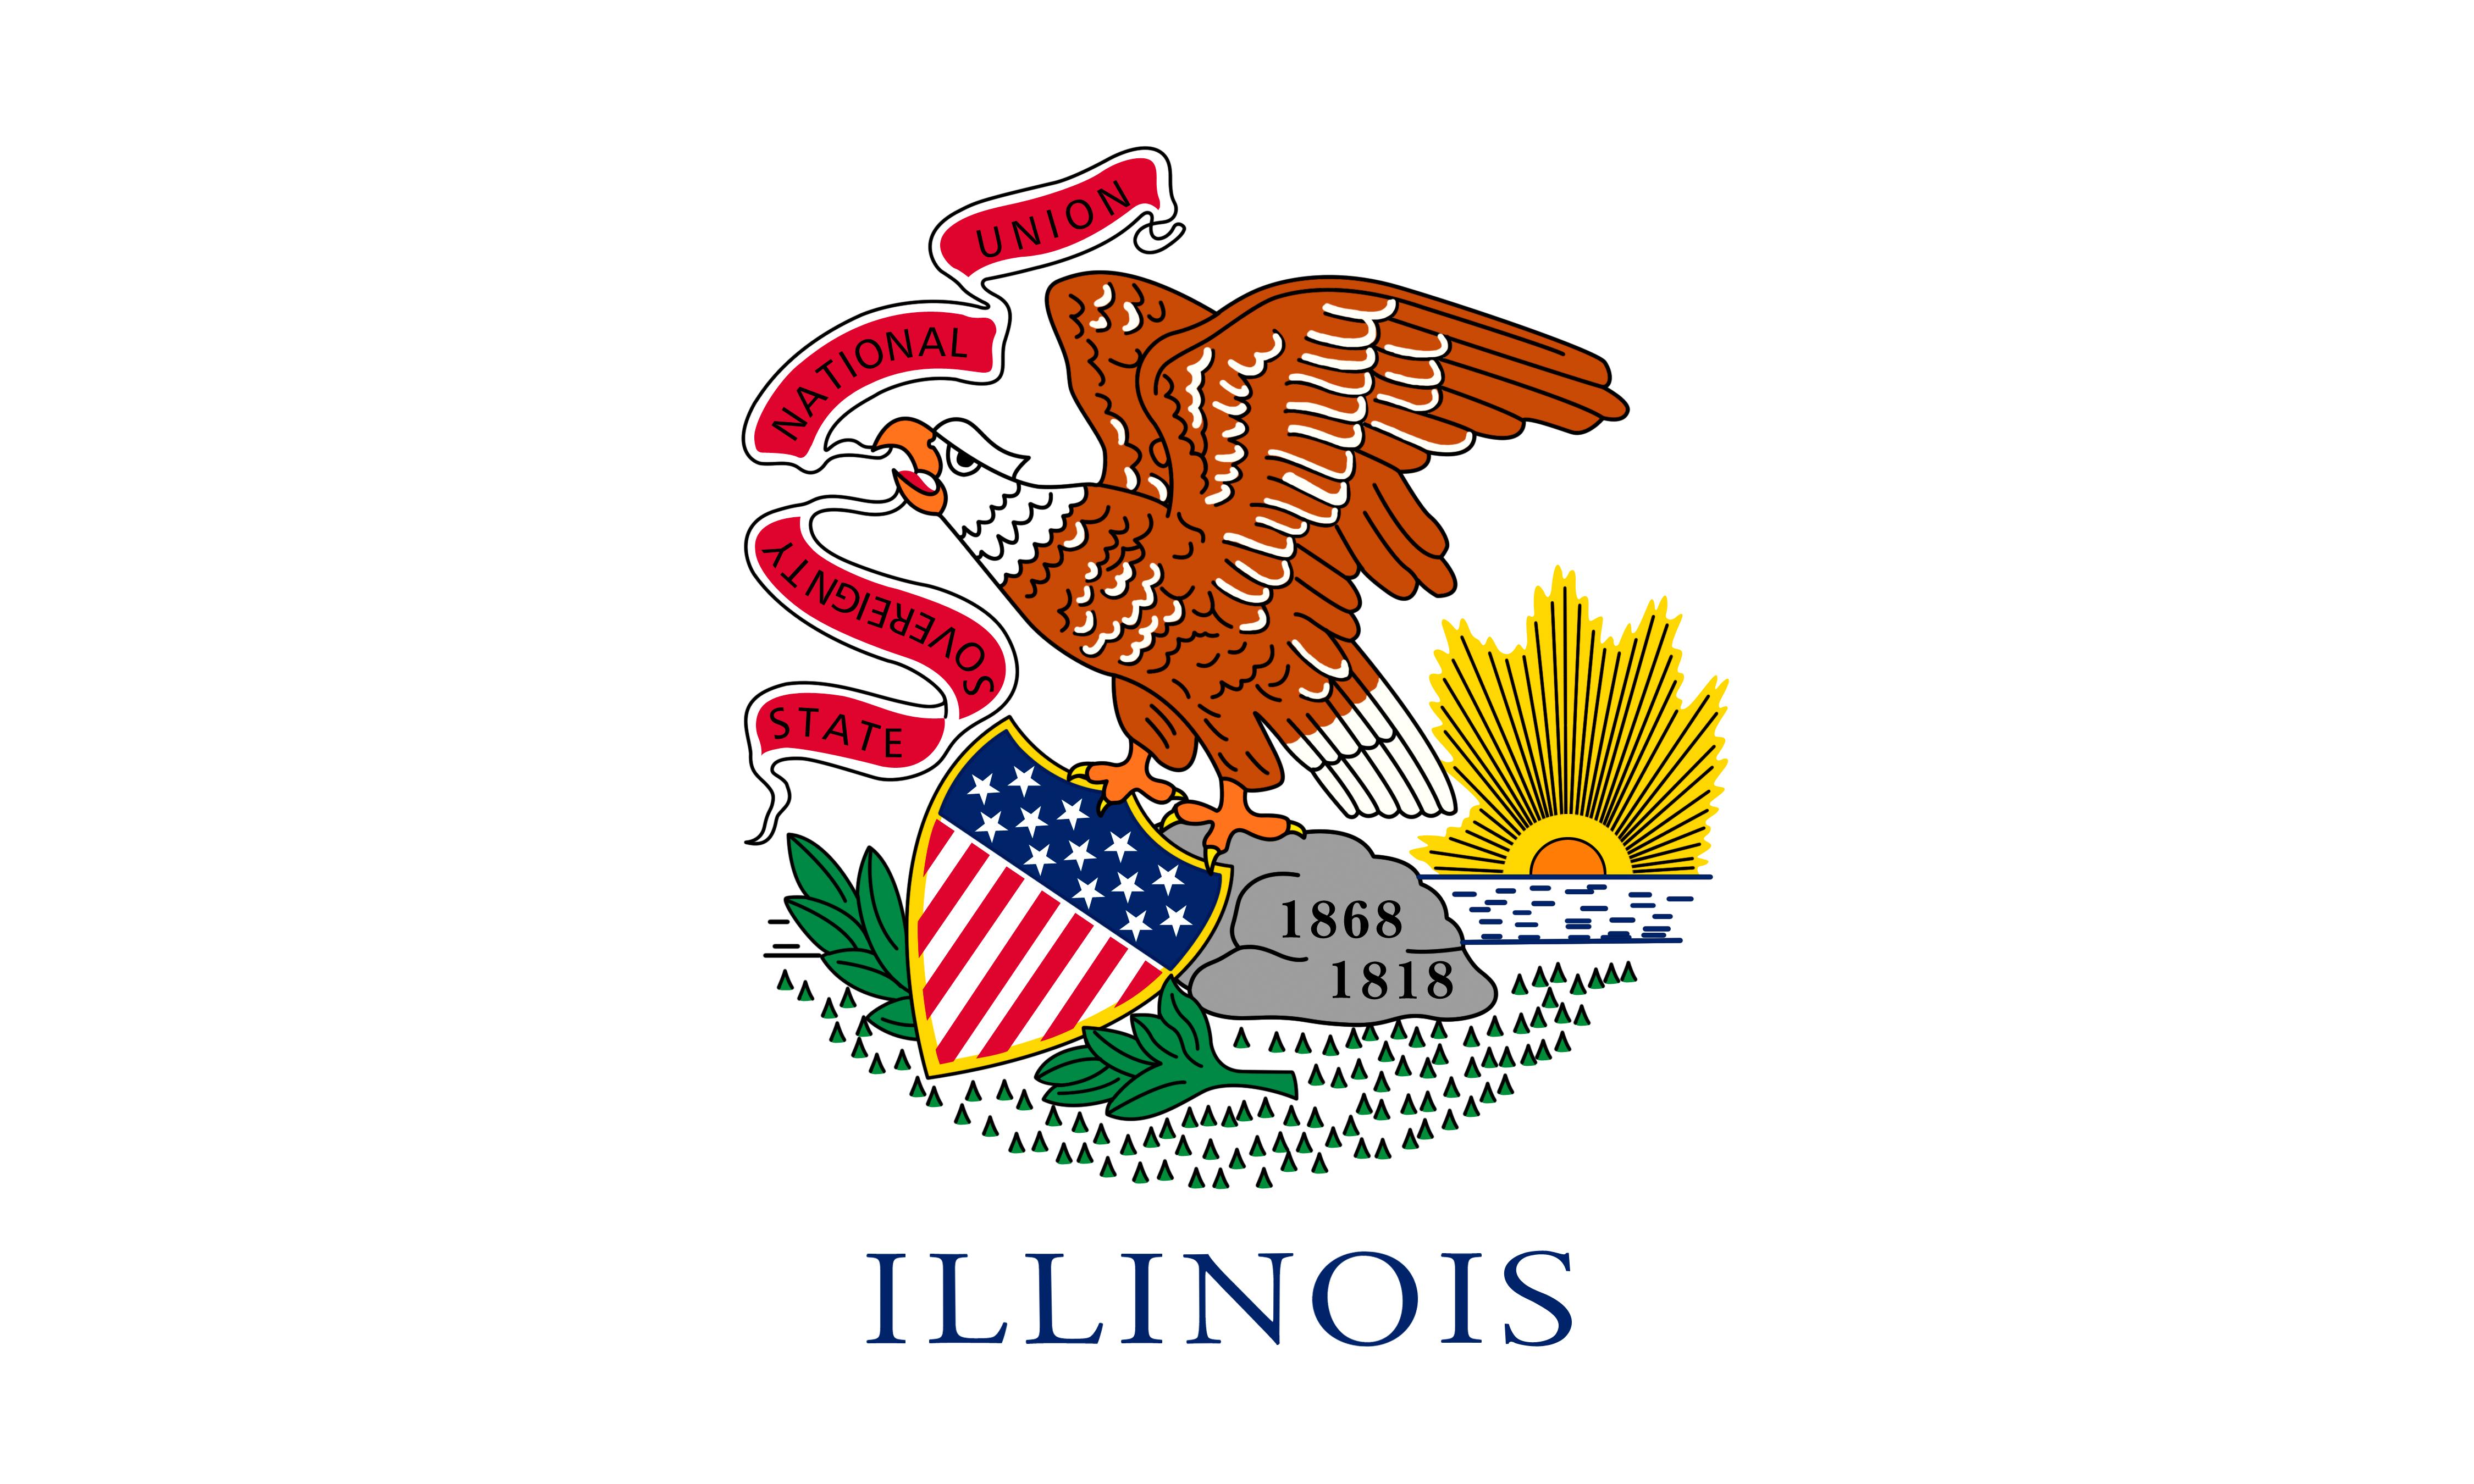 Photos Eagles USA Illinois Flag 4500x2700 4500x2700